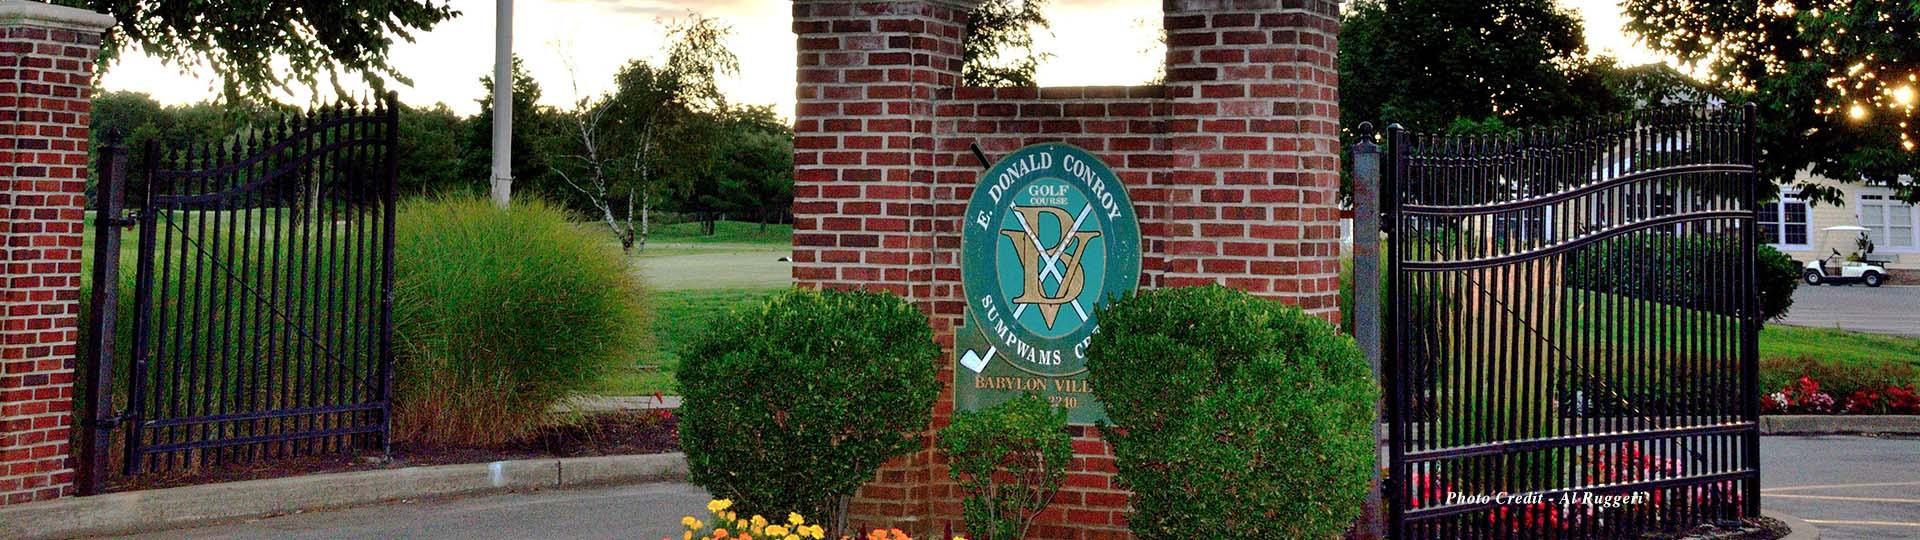 E. Donald Conroy Golf Course